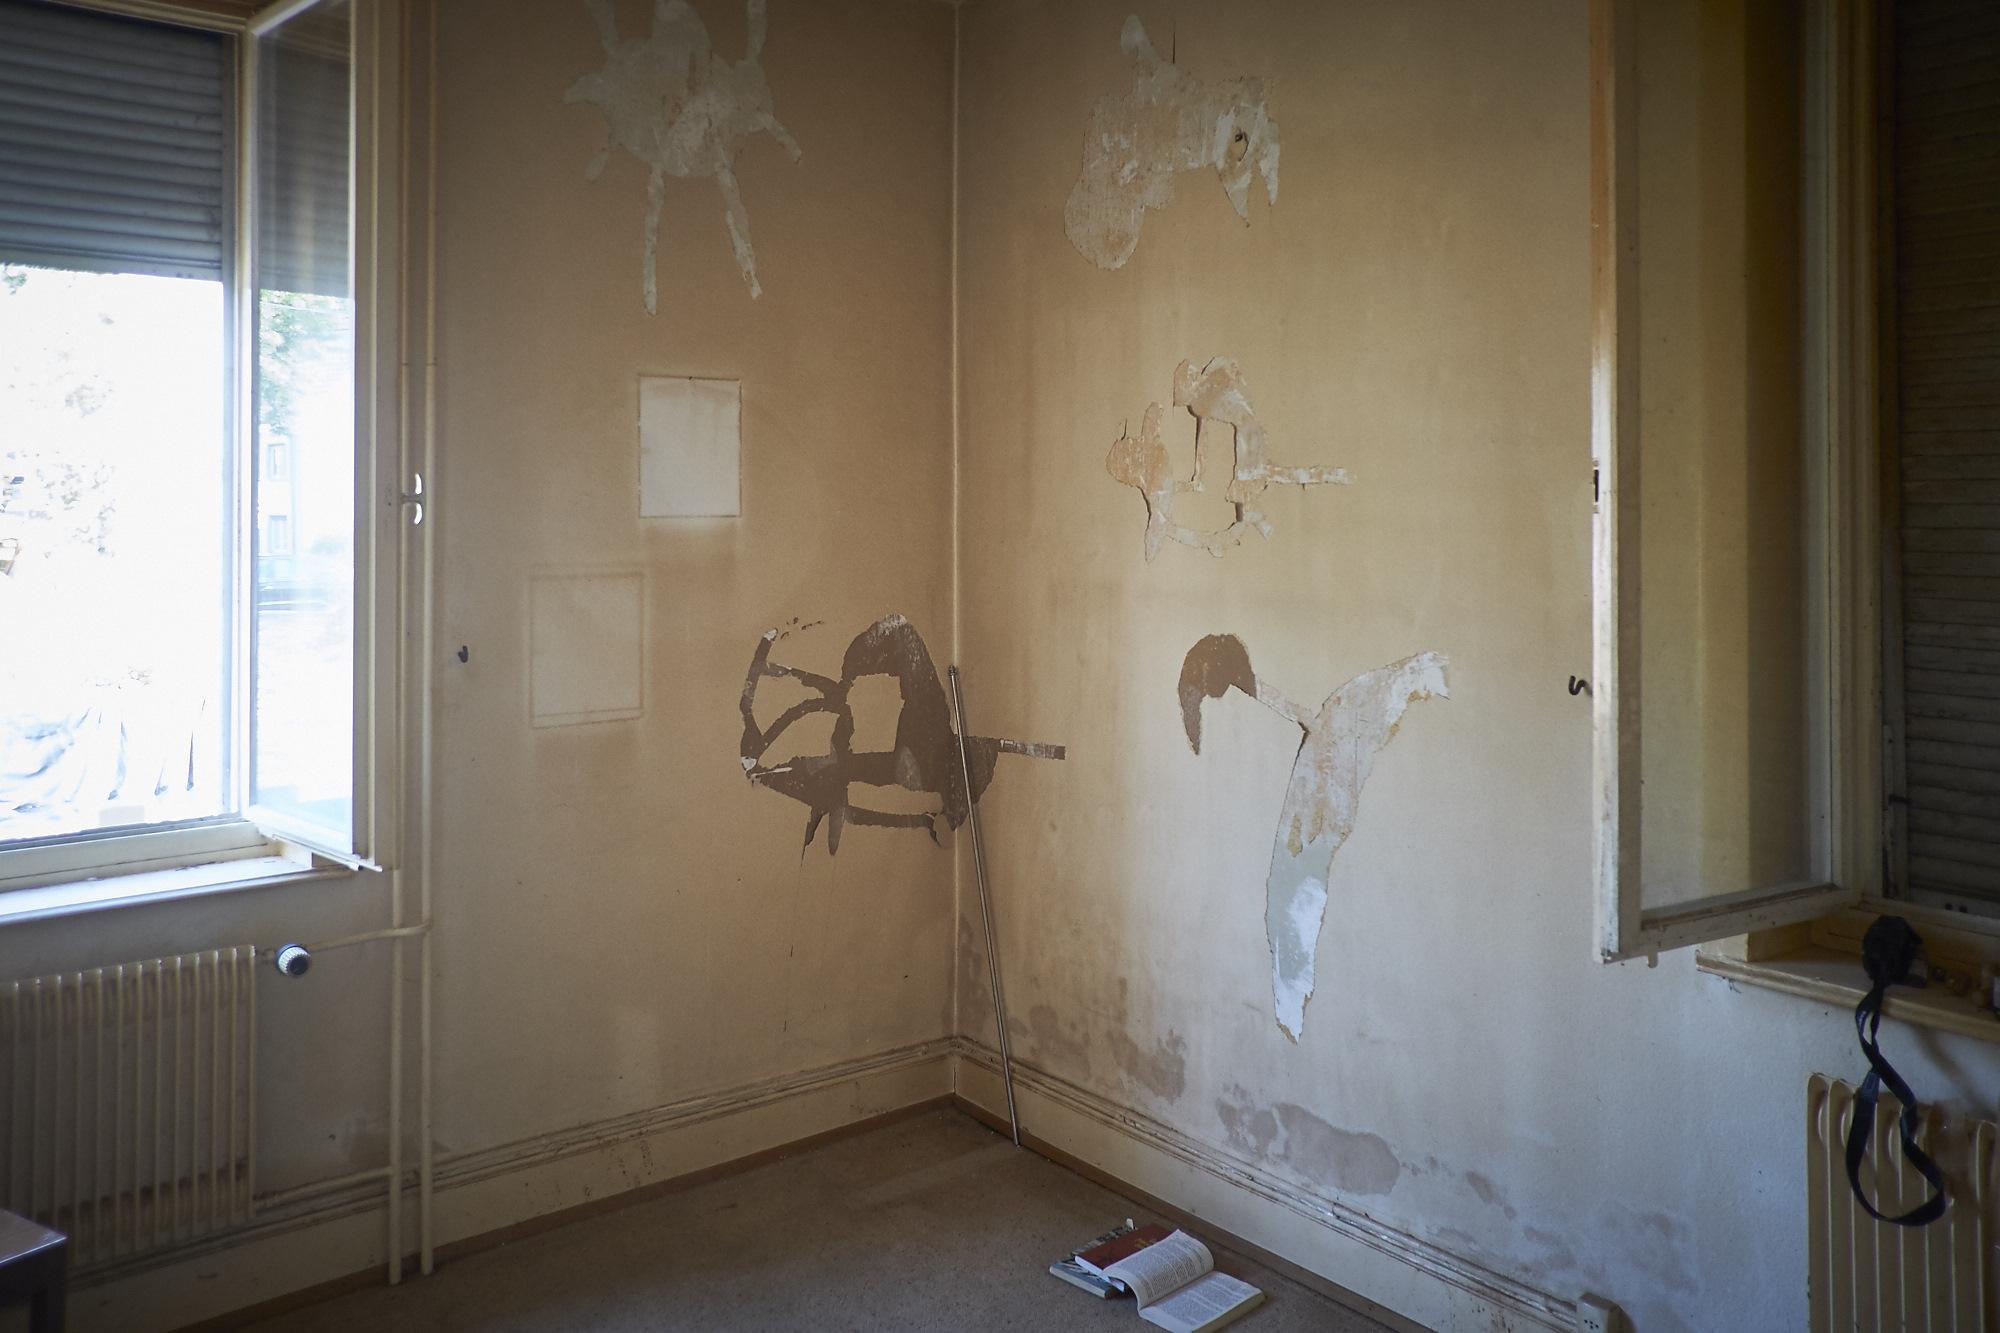 Auch ein Künstler: Raucherwand im Haus#99.